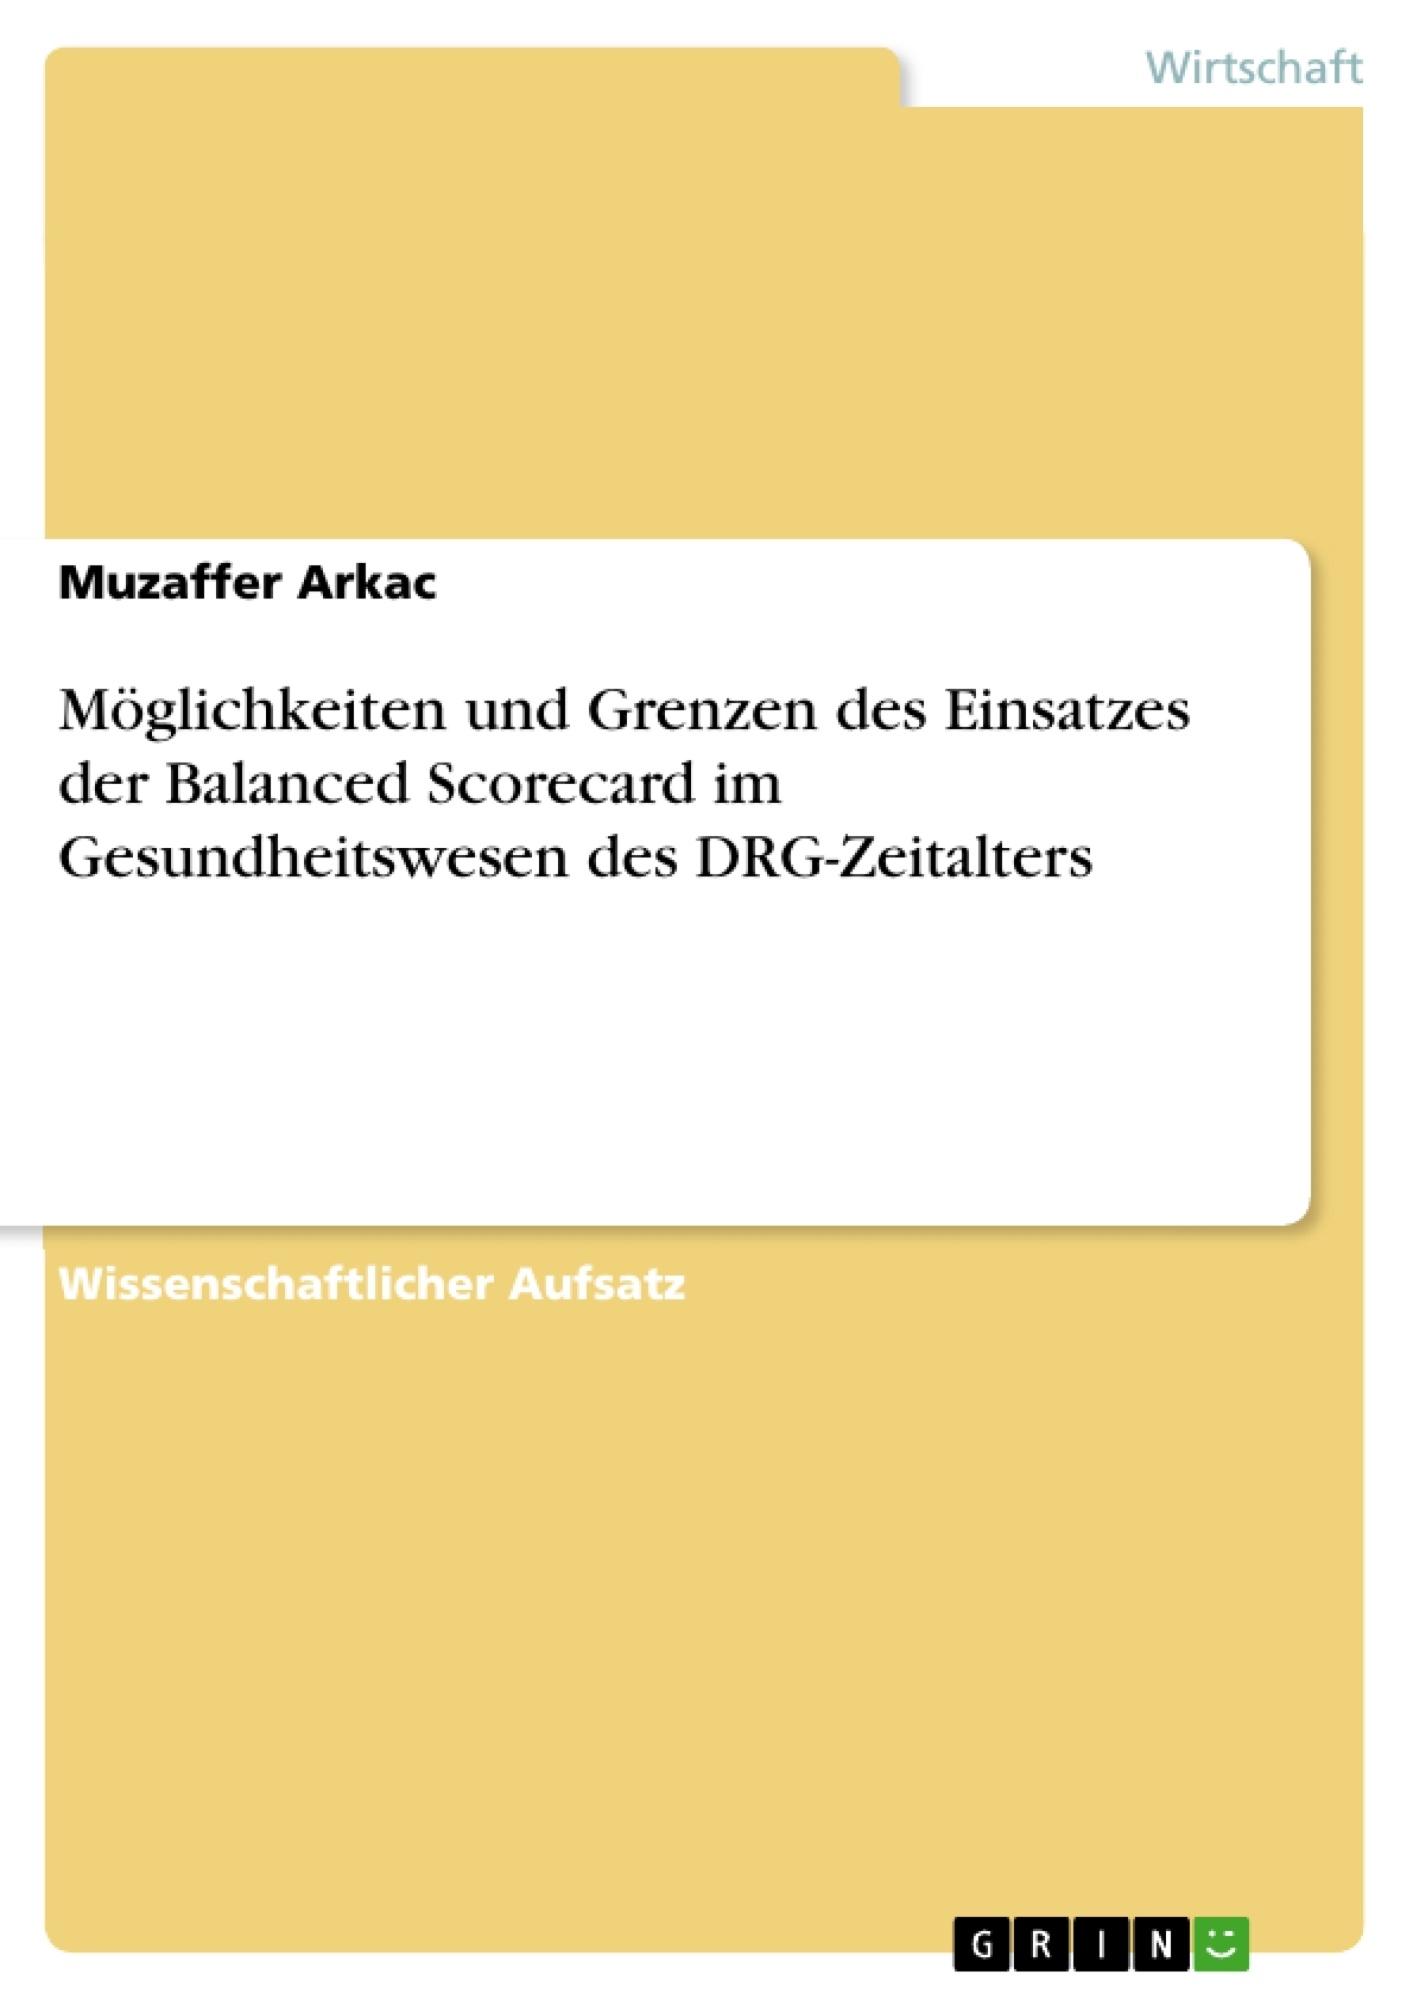 Titel: Möglichkeiten und Grenzen des Einsatzes der Balanced Scorecard im Gesundheitswesen des DRG-Zeitalters